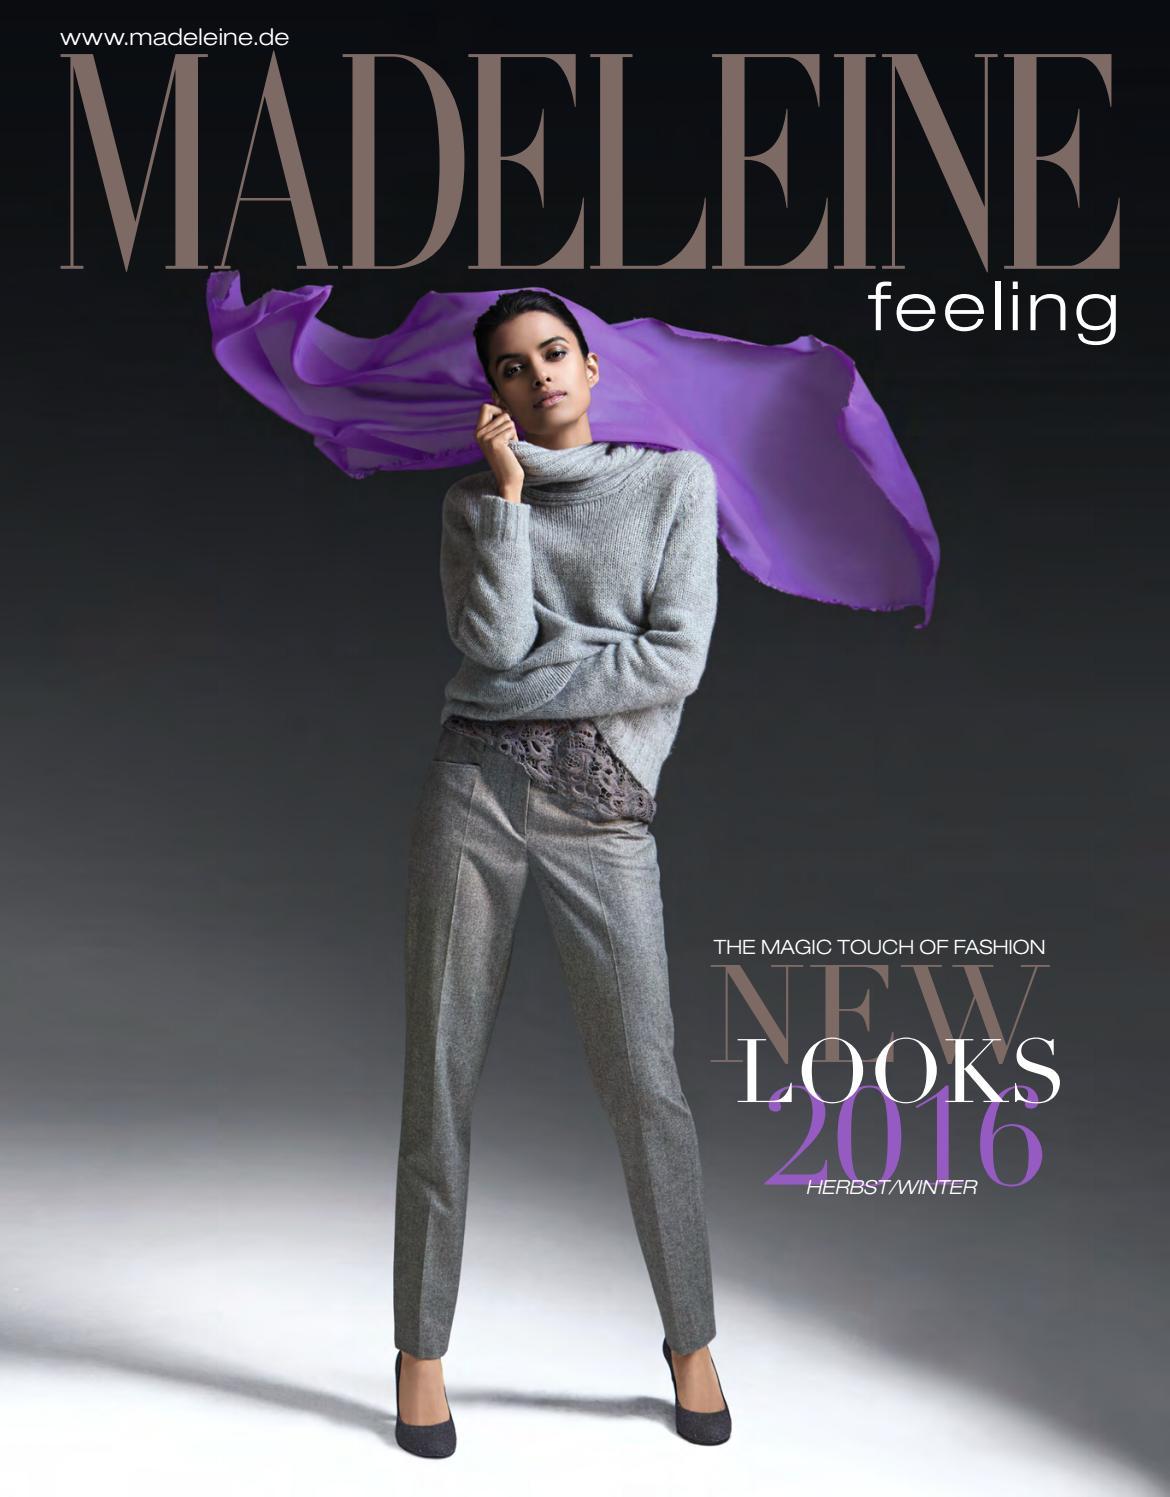 Каталог Madeleine Feeling осень зима 2016. Заказ одежды на